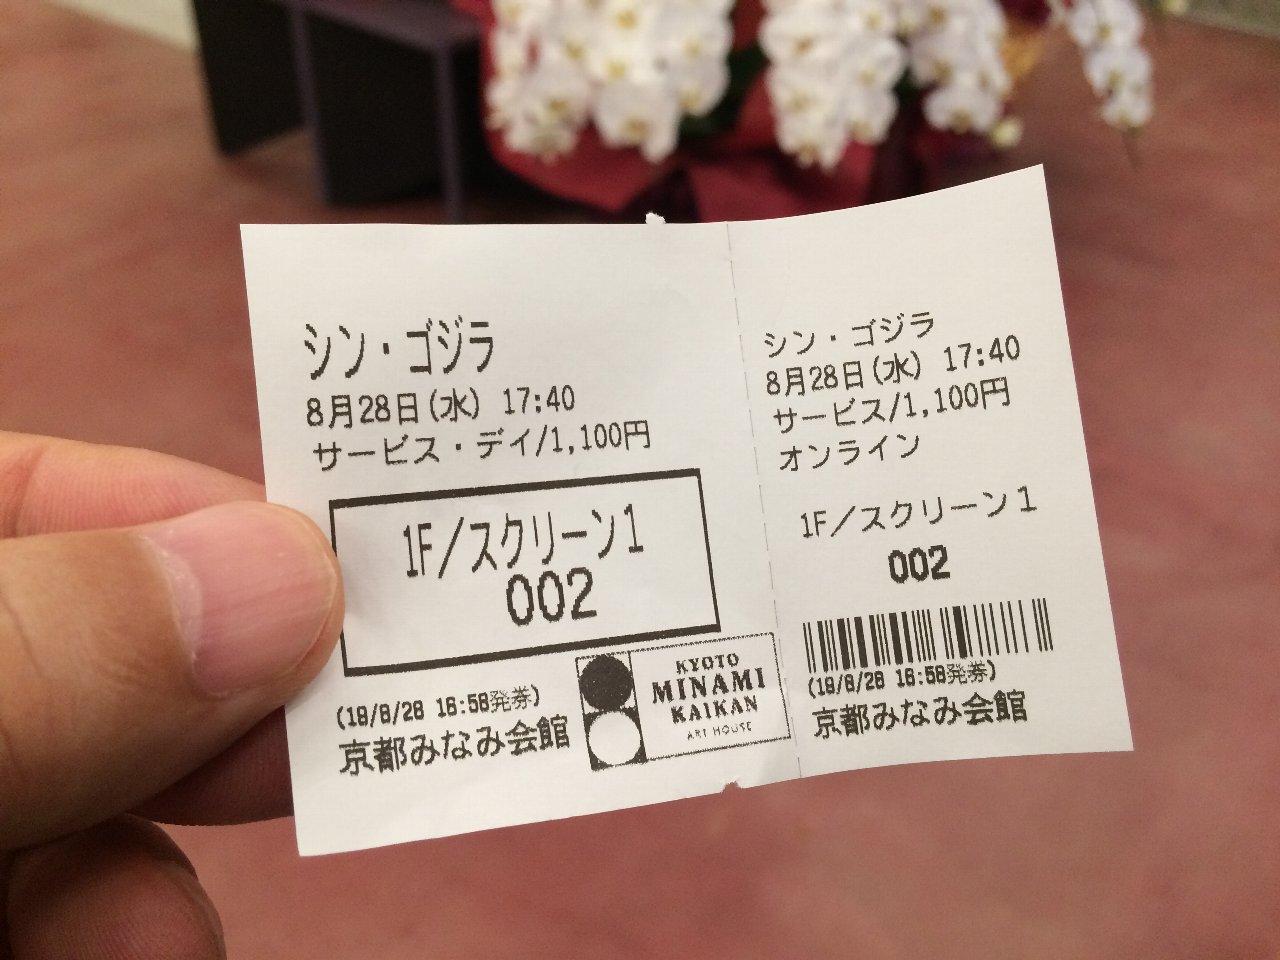 20190828 新・京都みなみ会館『シン・ゴジラ』チケット